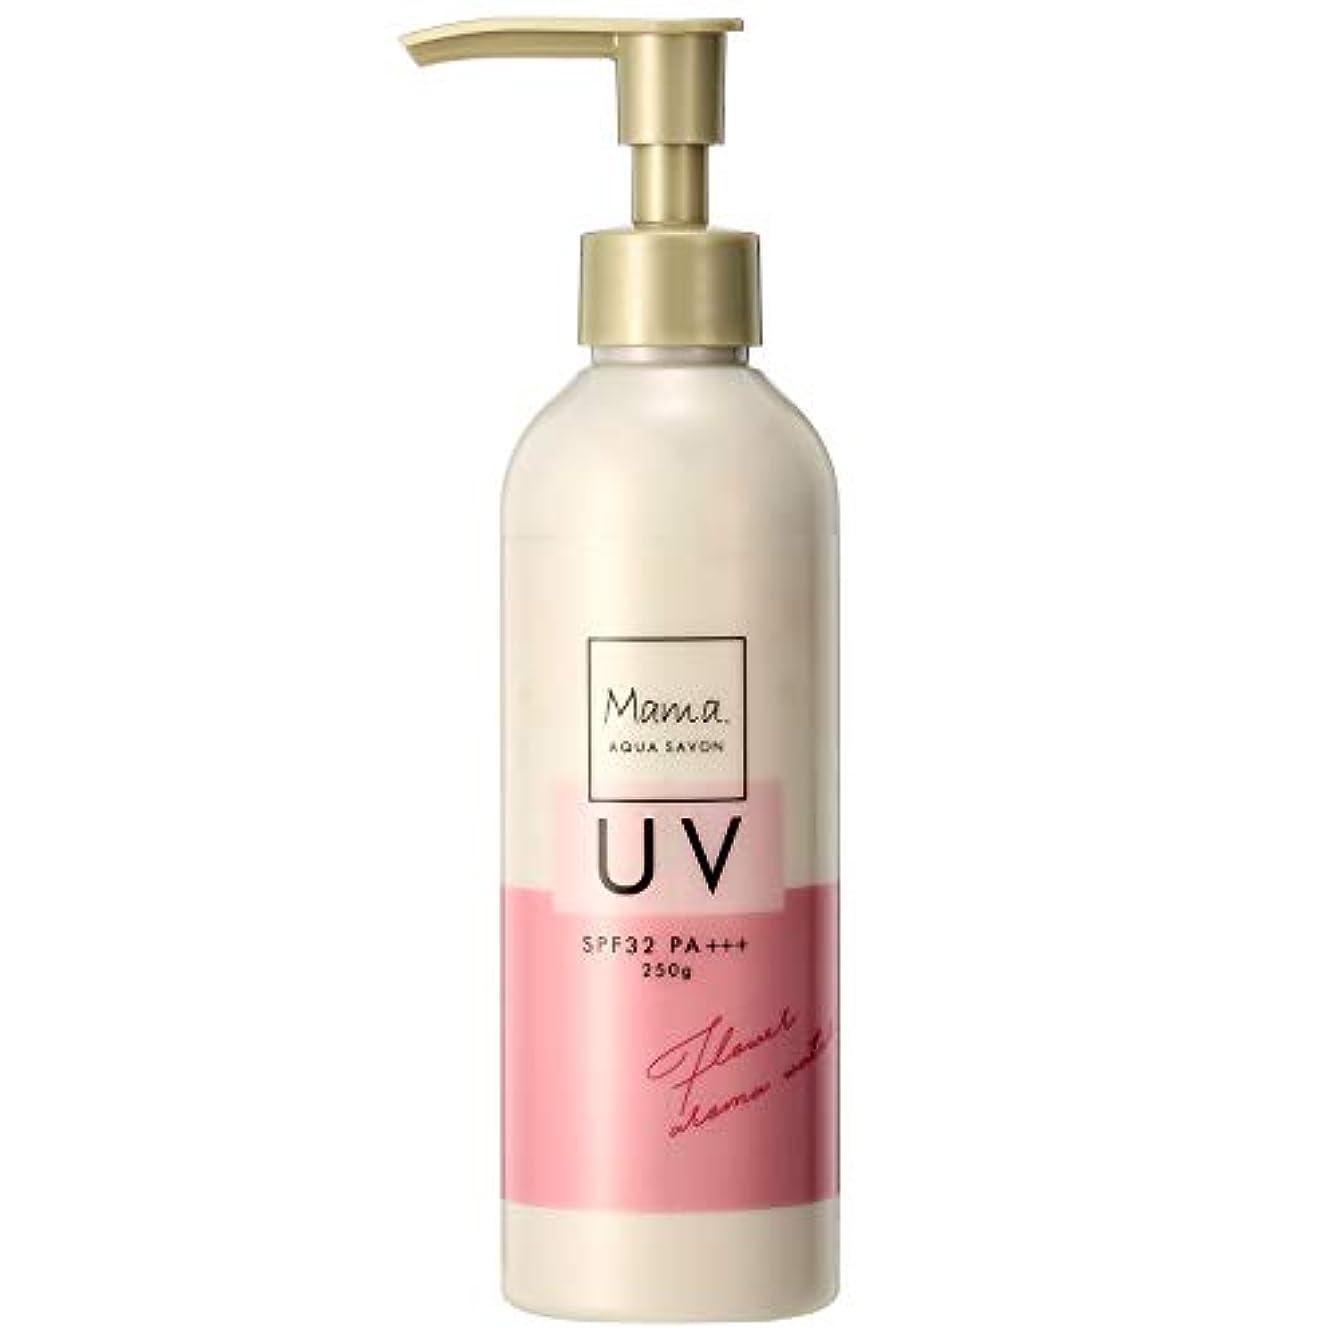 ハッチ褒賞サーキットに行くママアクアシャボン UVモイストジェル フラワーアロマウォーターの香り 19S 250g